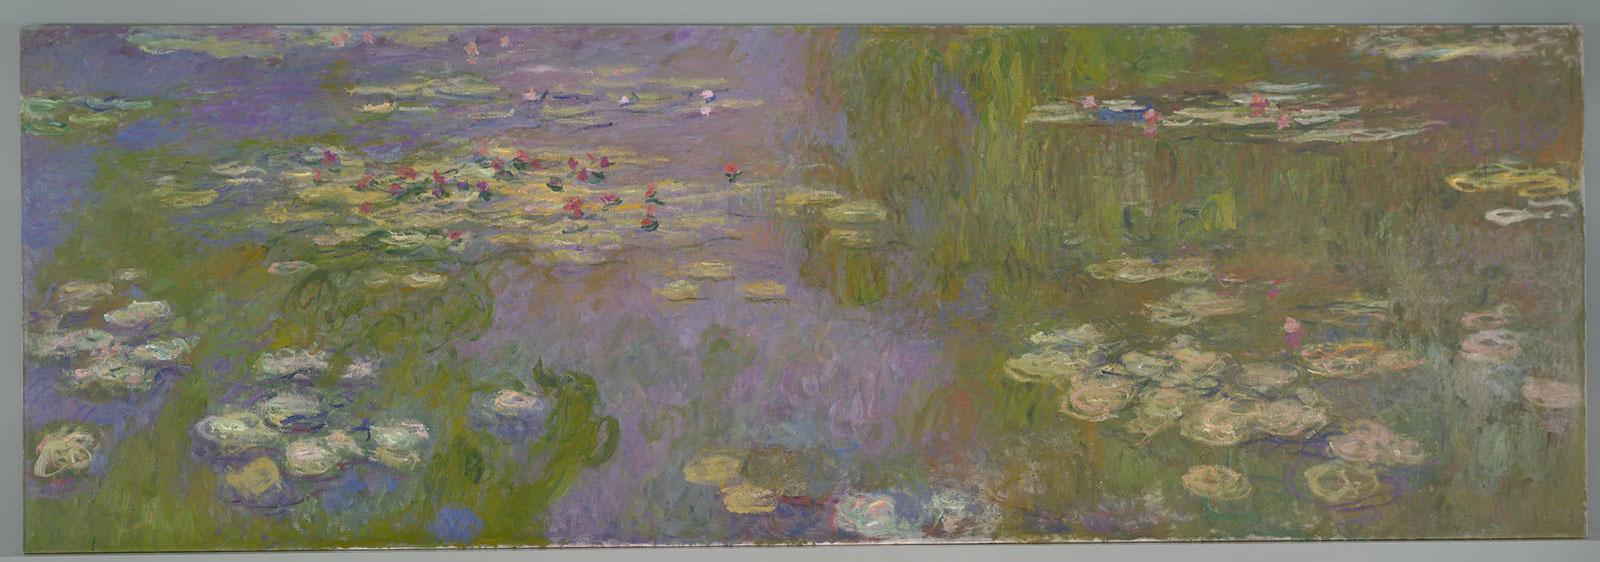 Клод Моне. Водяные лилии (нимфеи)